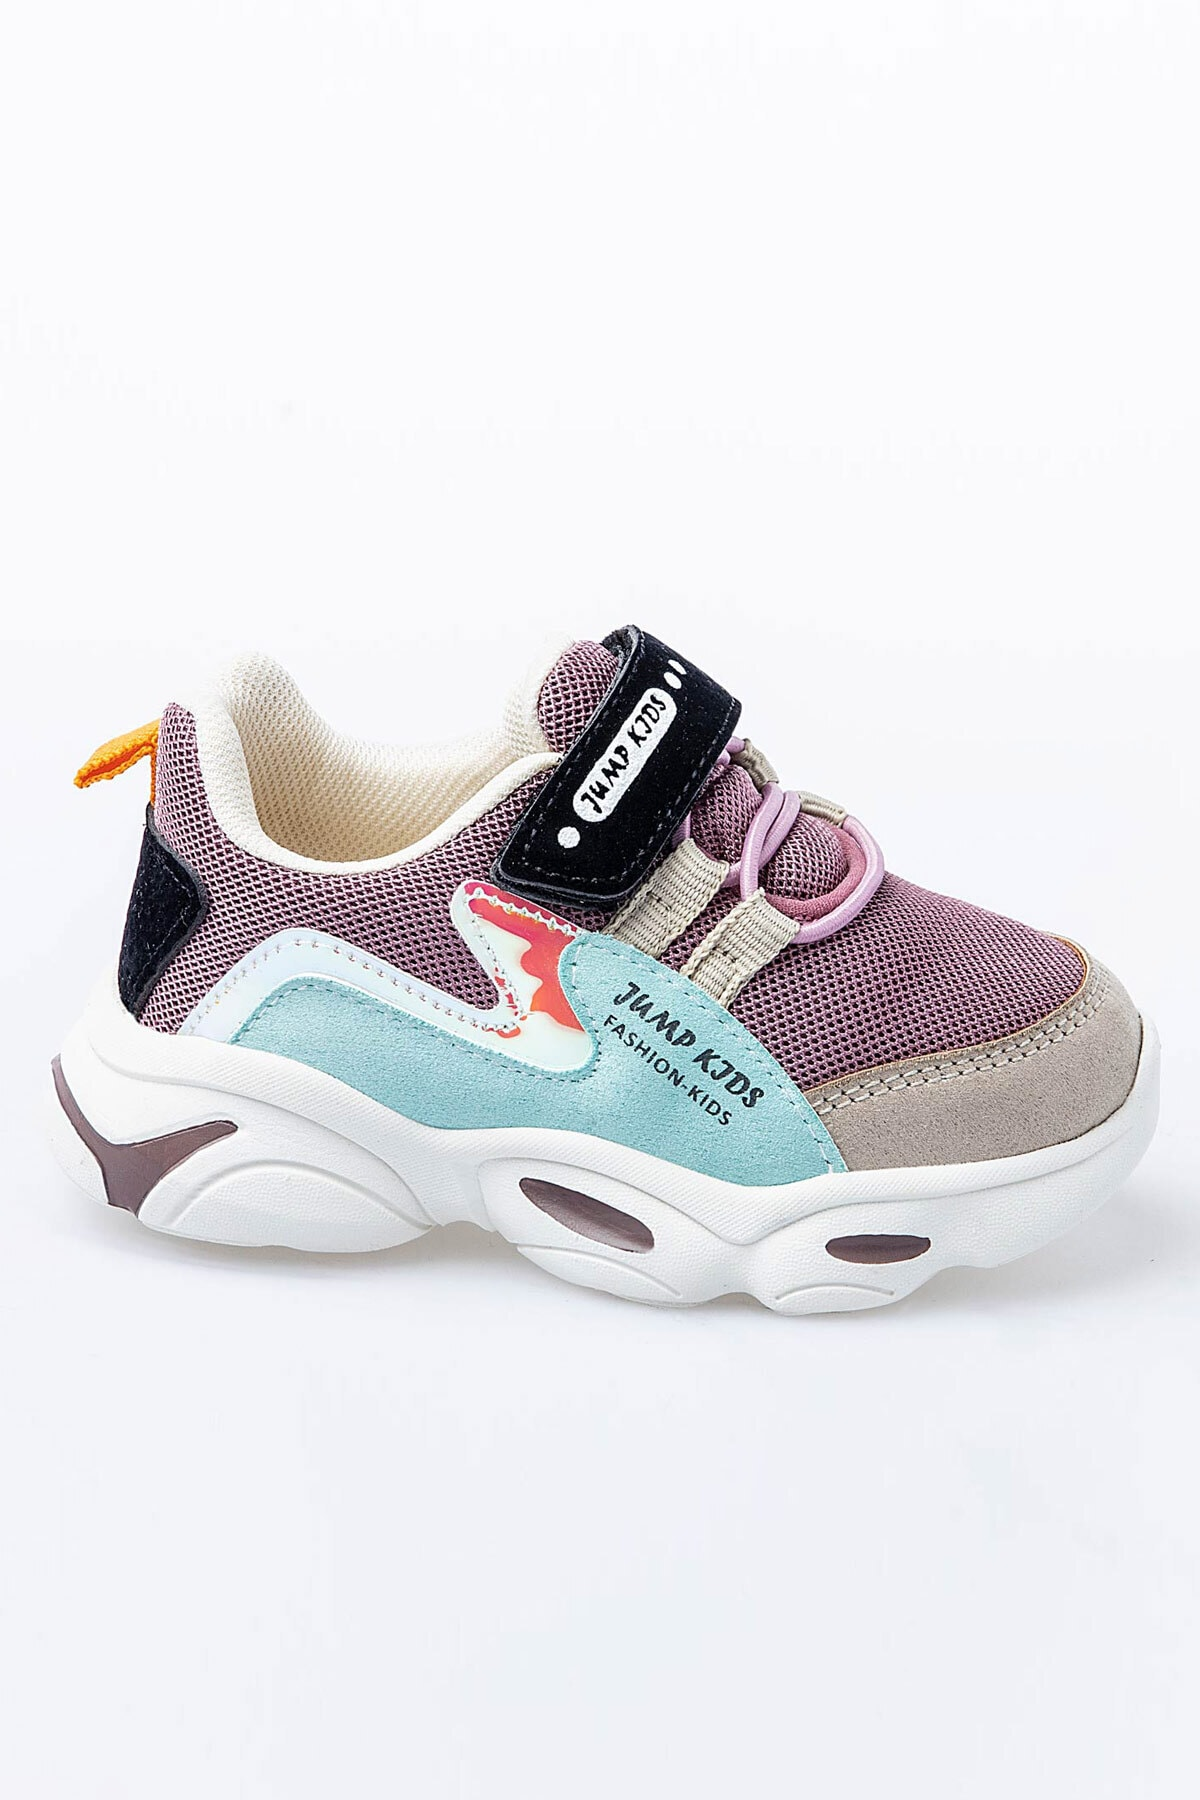 Jump Çocuk Spor Ayakkabı 25833 F Purple/beıge/mınt 1